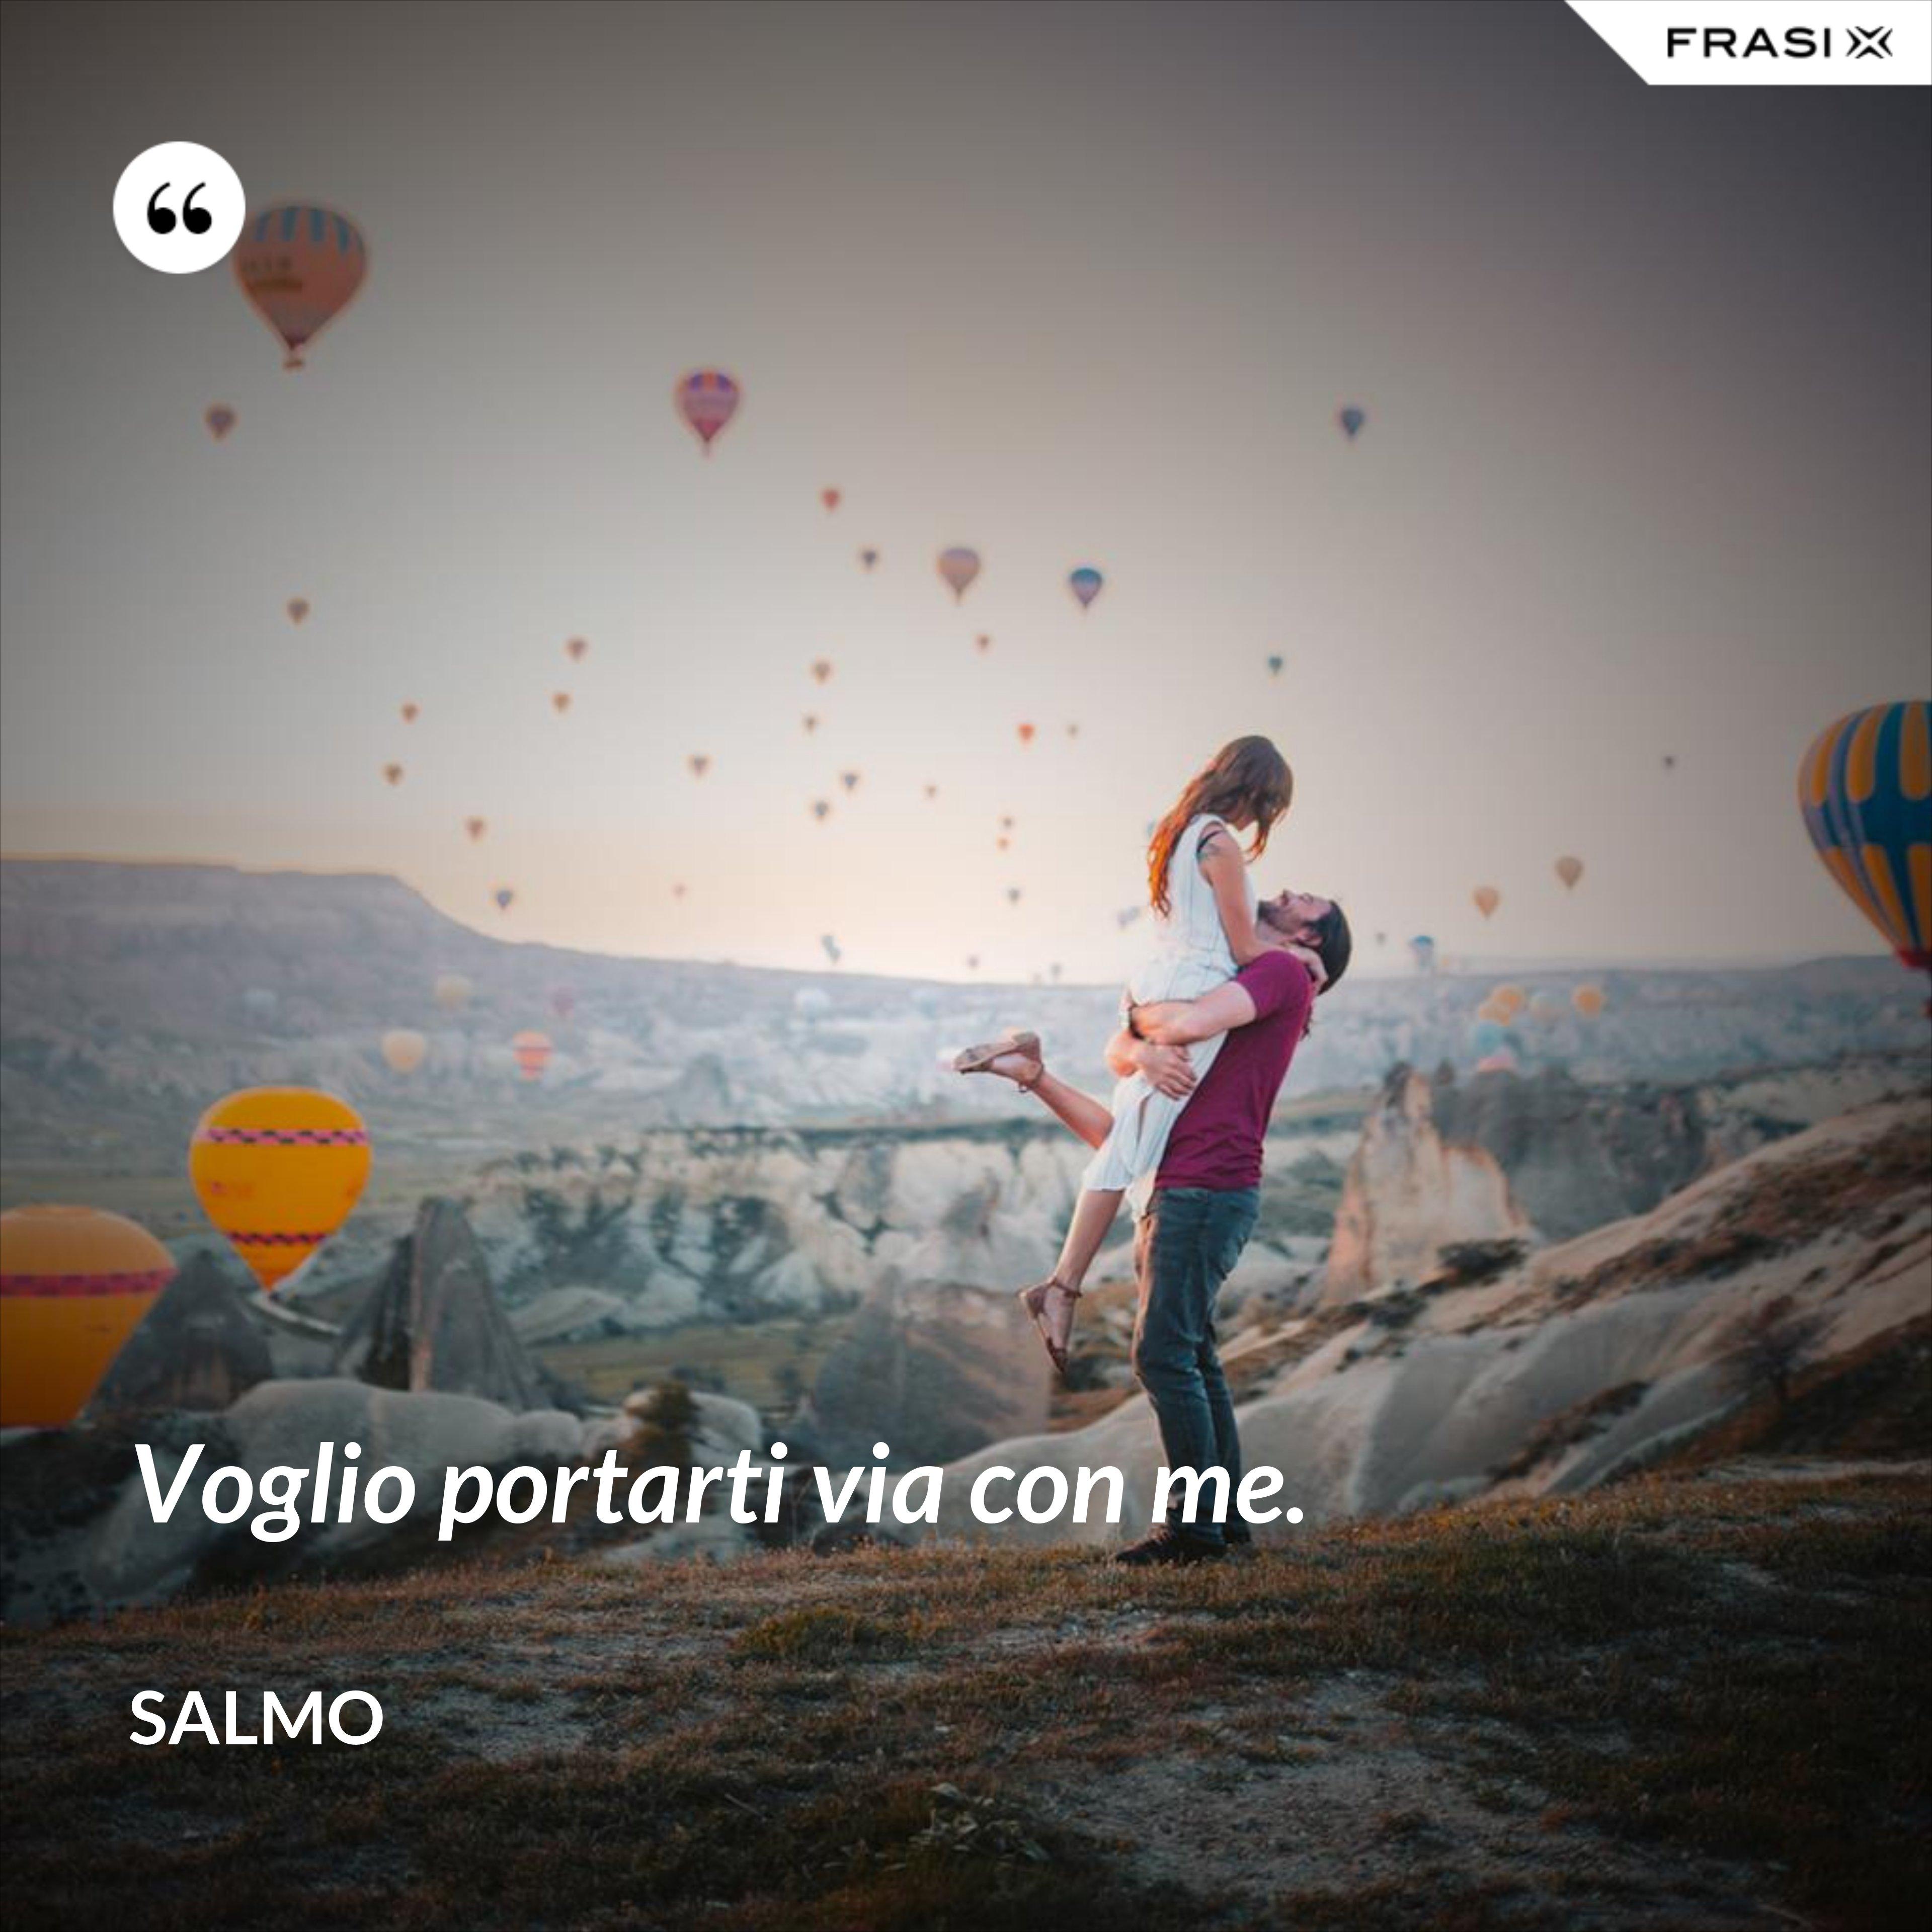 Voglio portarti via con me. - Salmo